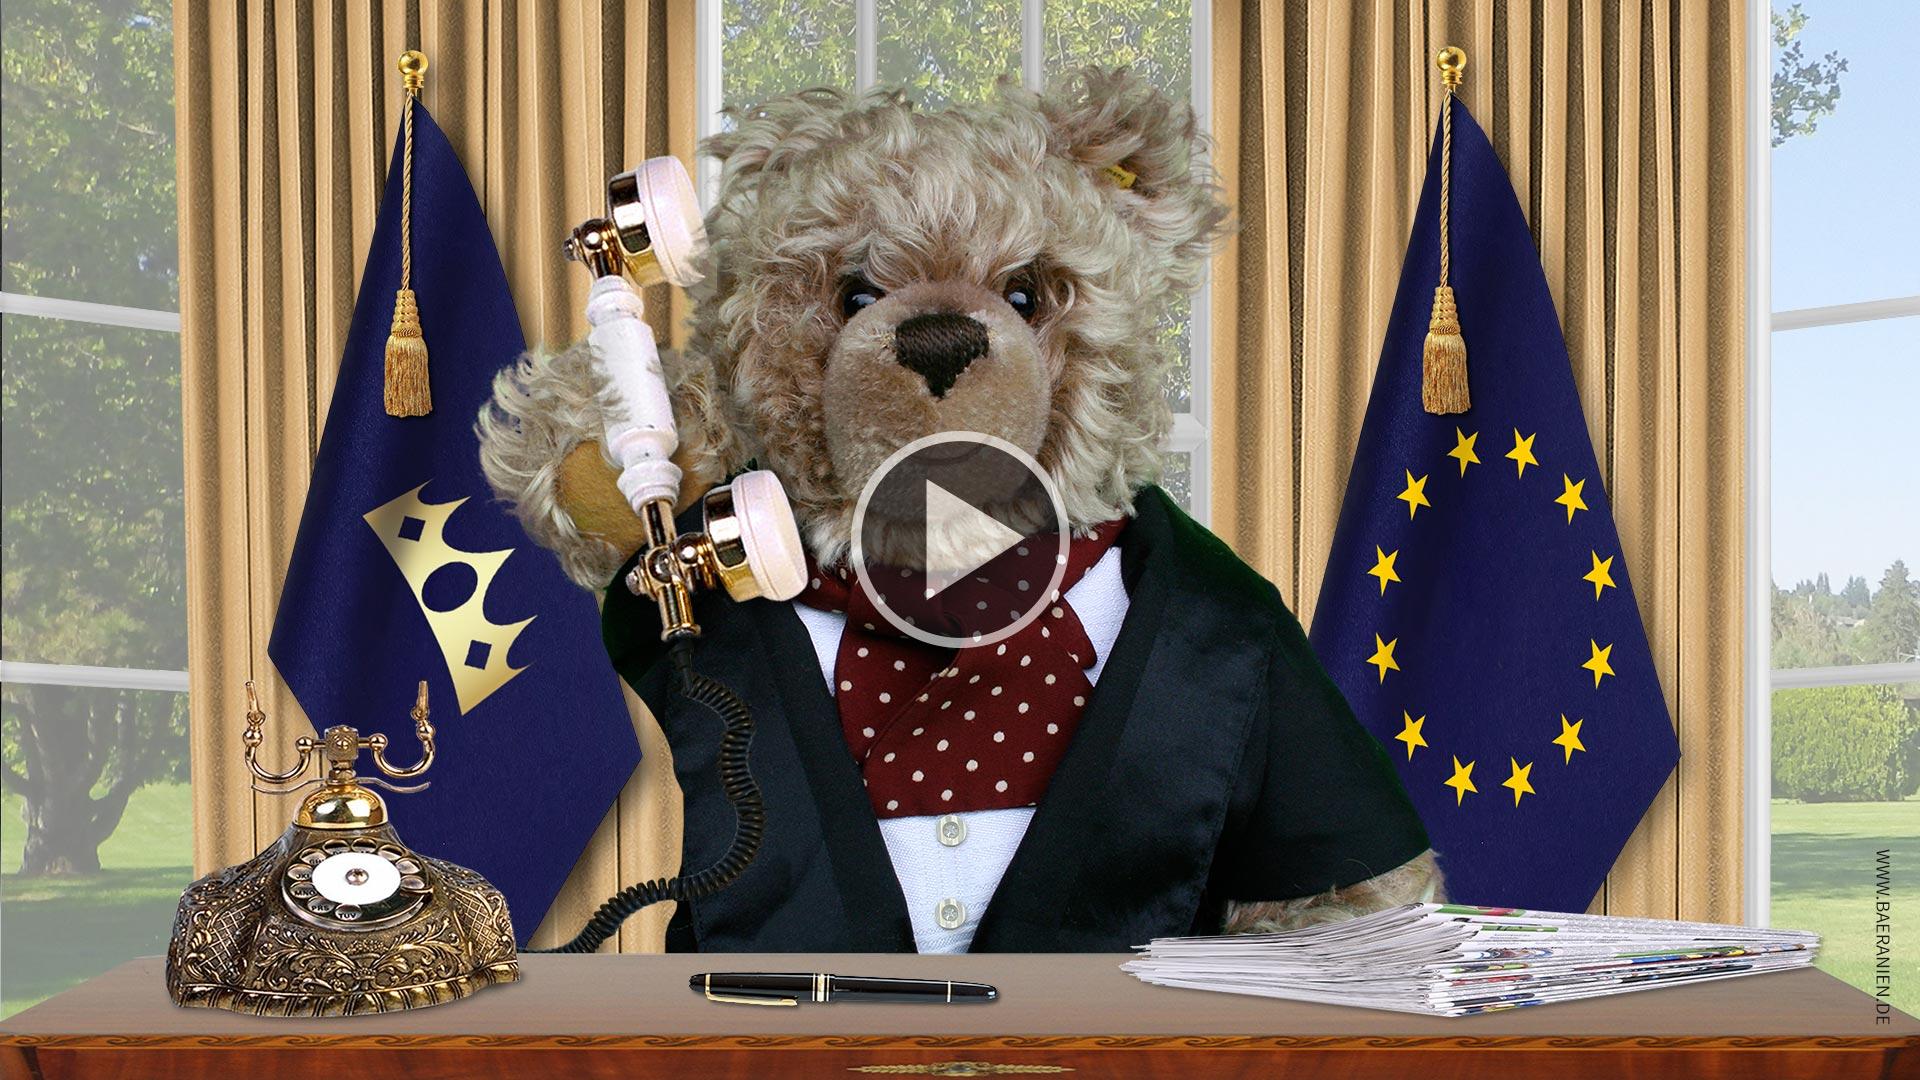 König Opa und das Telefonat mit Donald